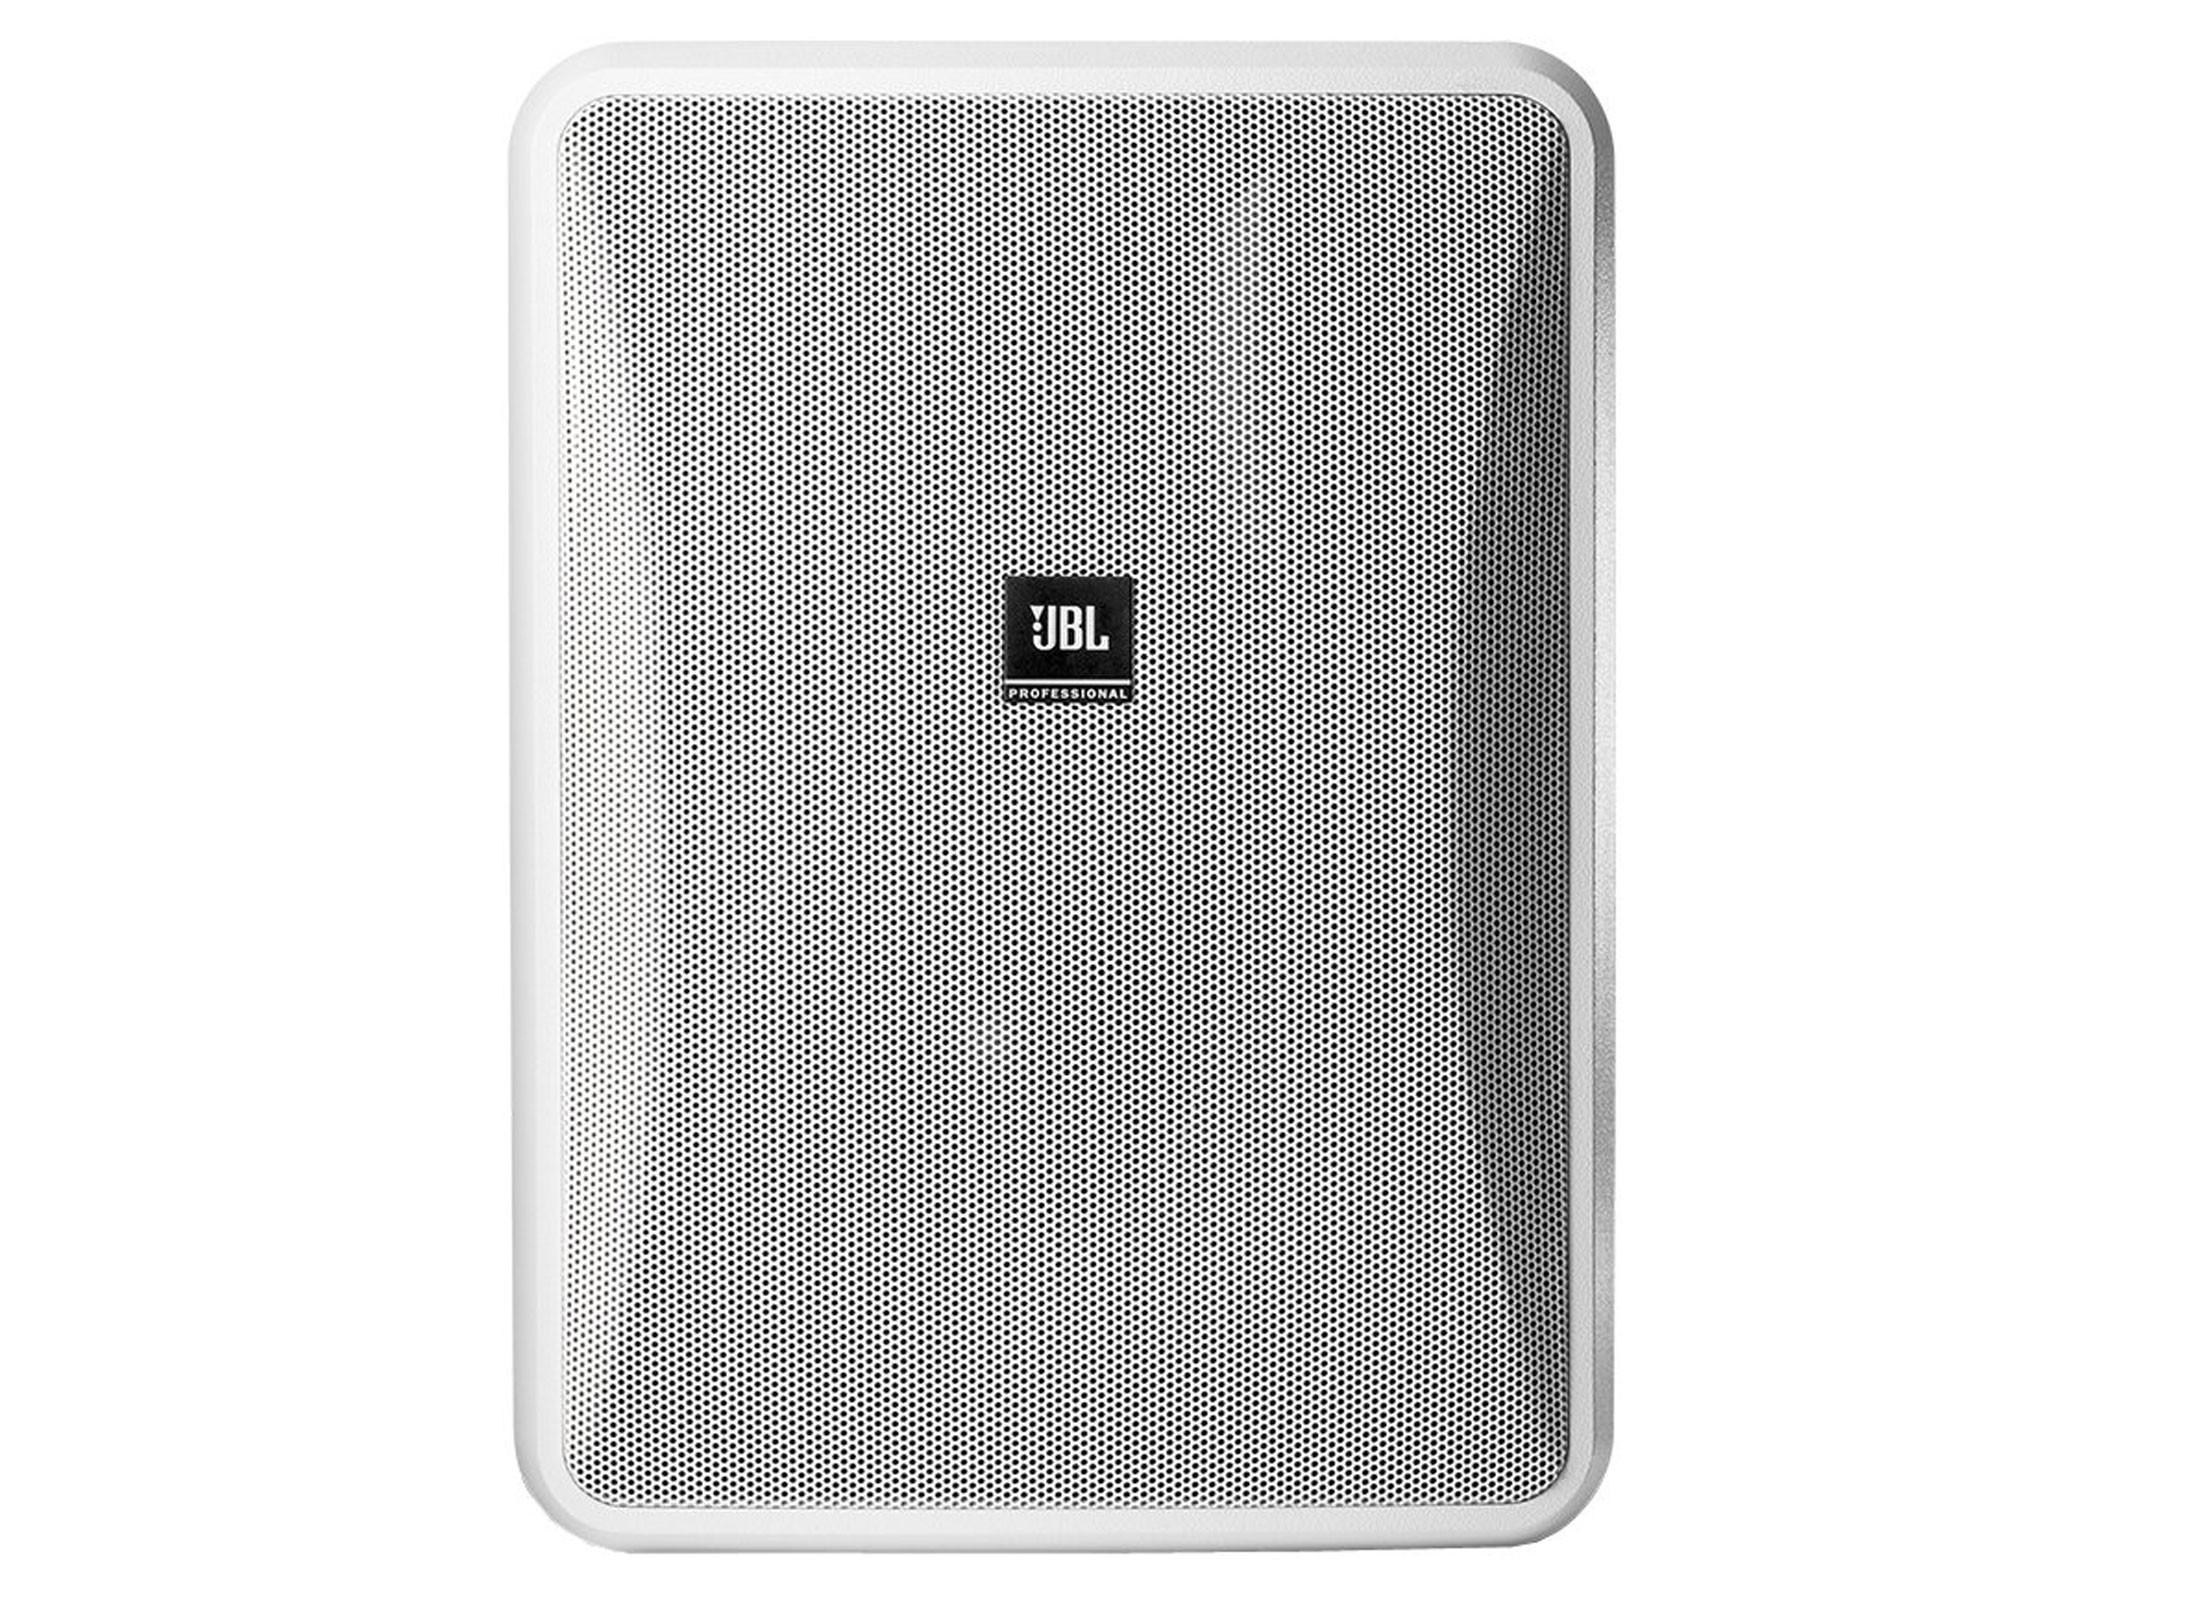 jbl control 28 1 wh ela speaker passive white online at. Black Bedroom Furniture Sets. Home Design Ideas